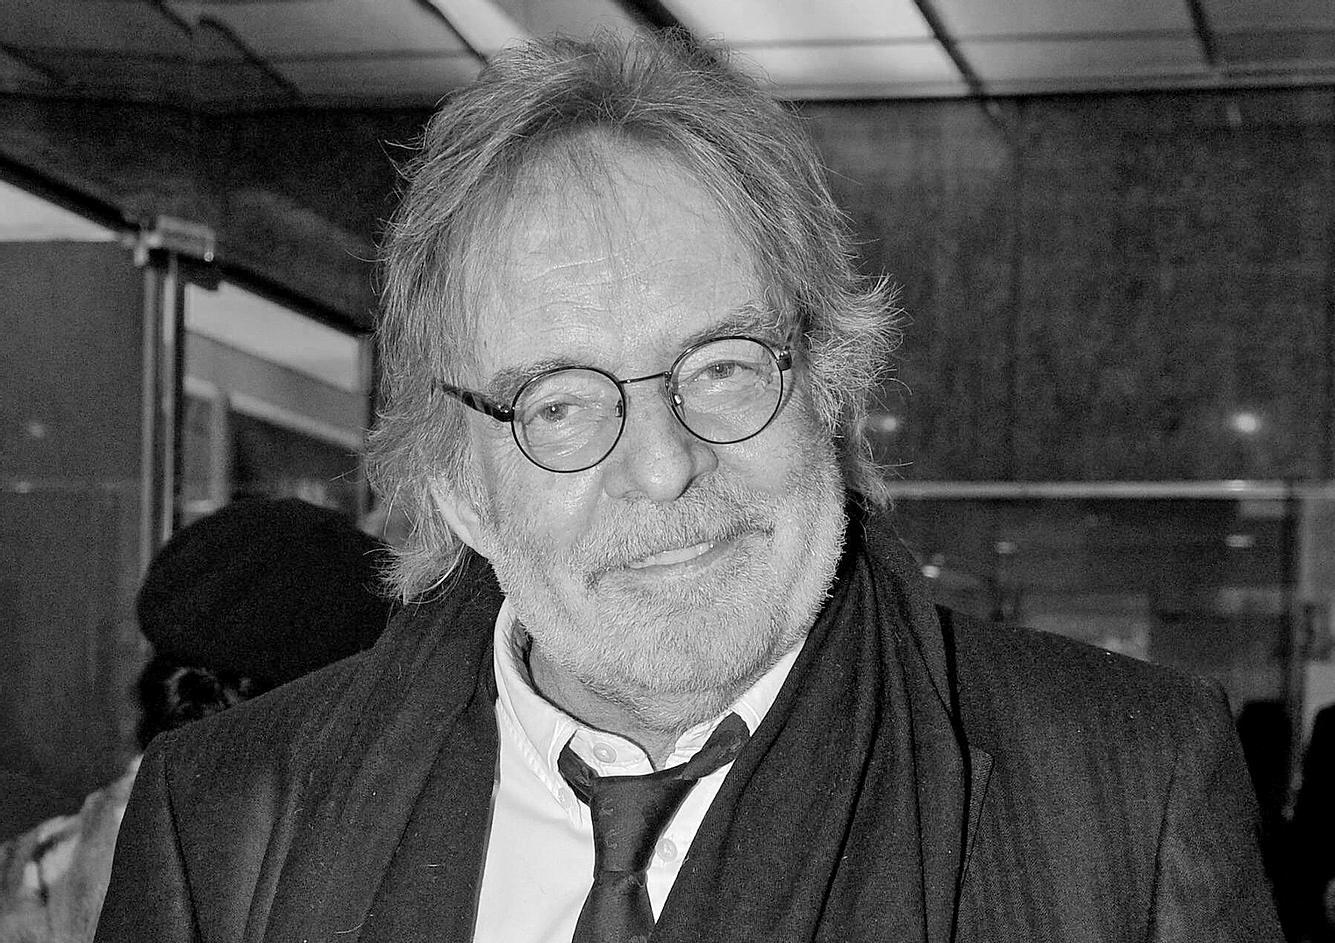 Schauspieler und Synchronsprecher Thomas Fritsch.